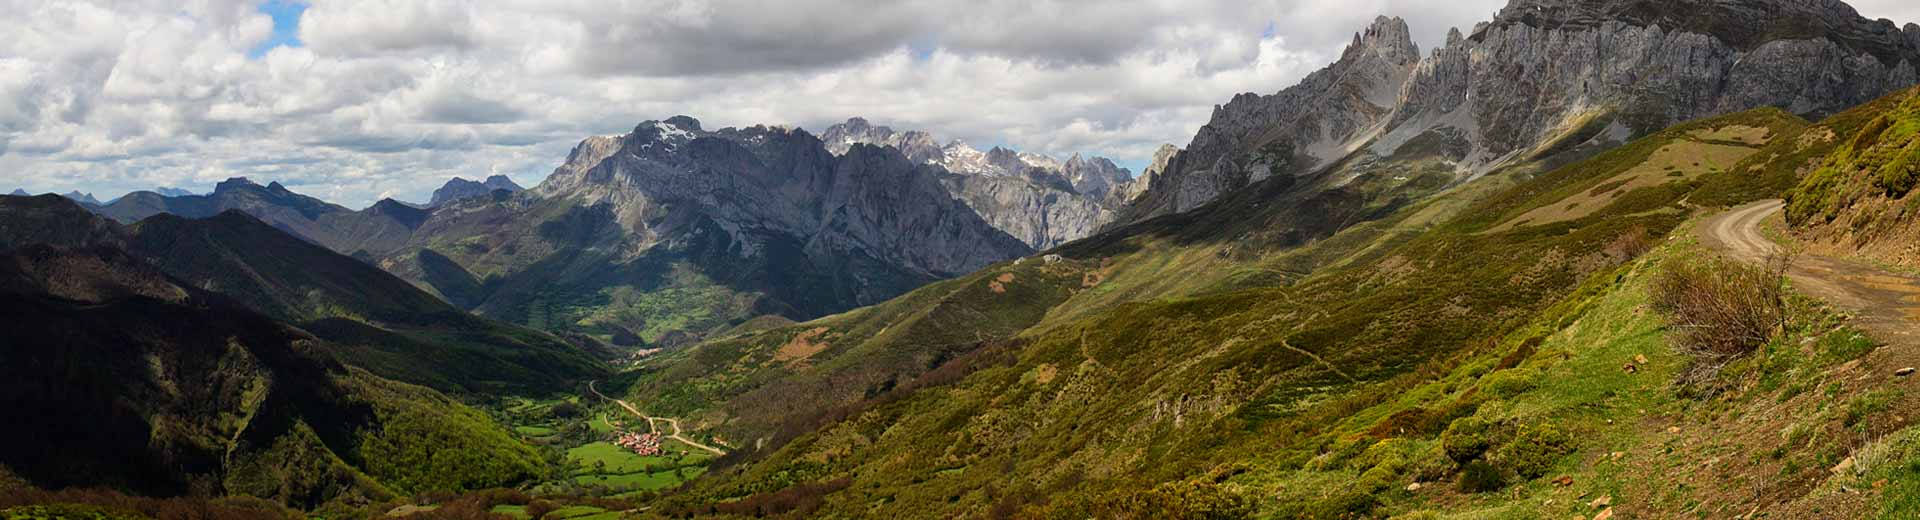 Situación y accesos. Valle de Valdeón